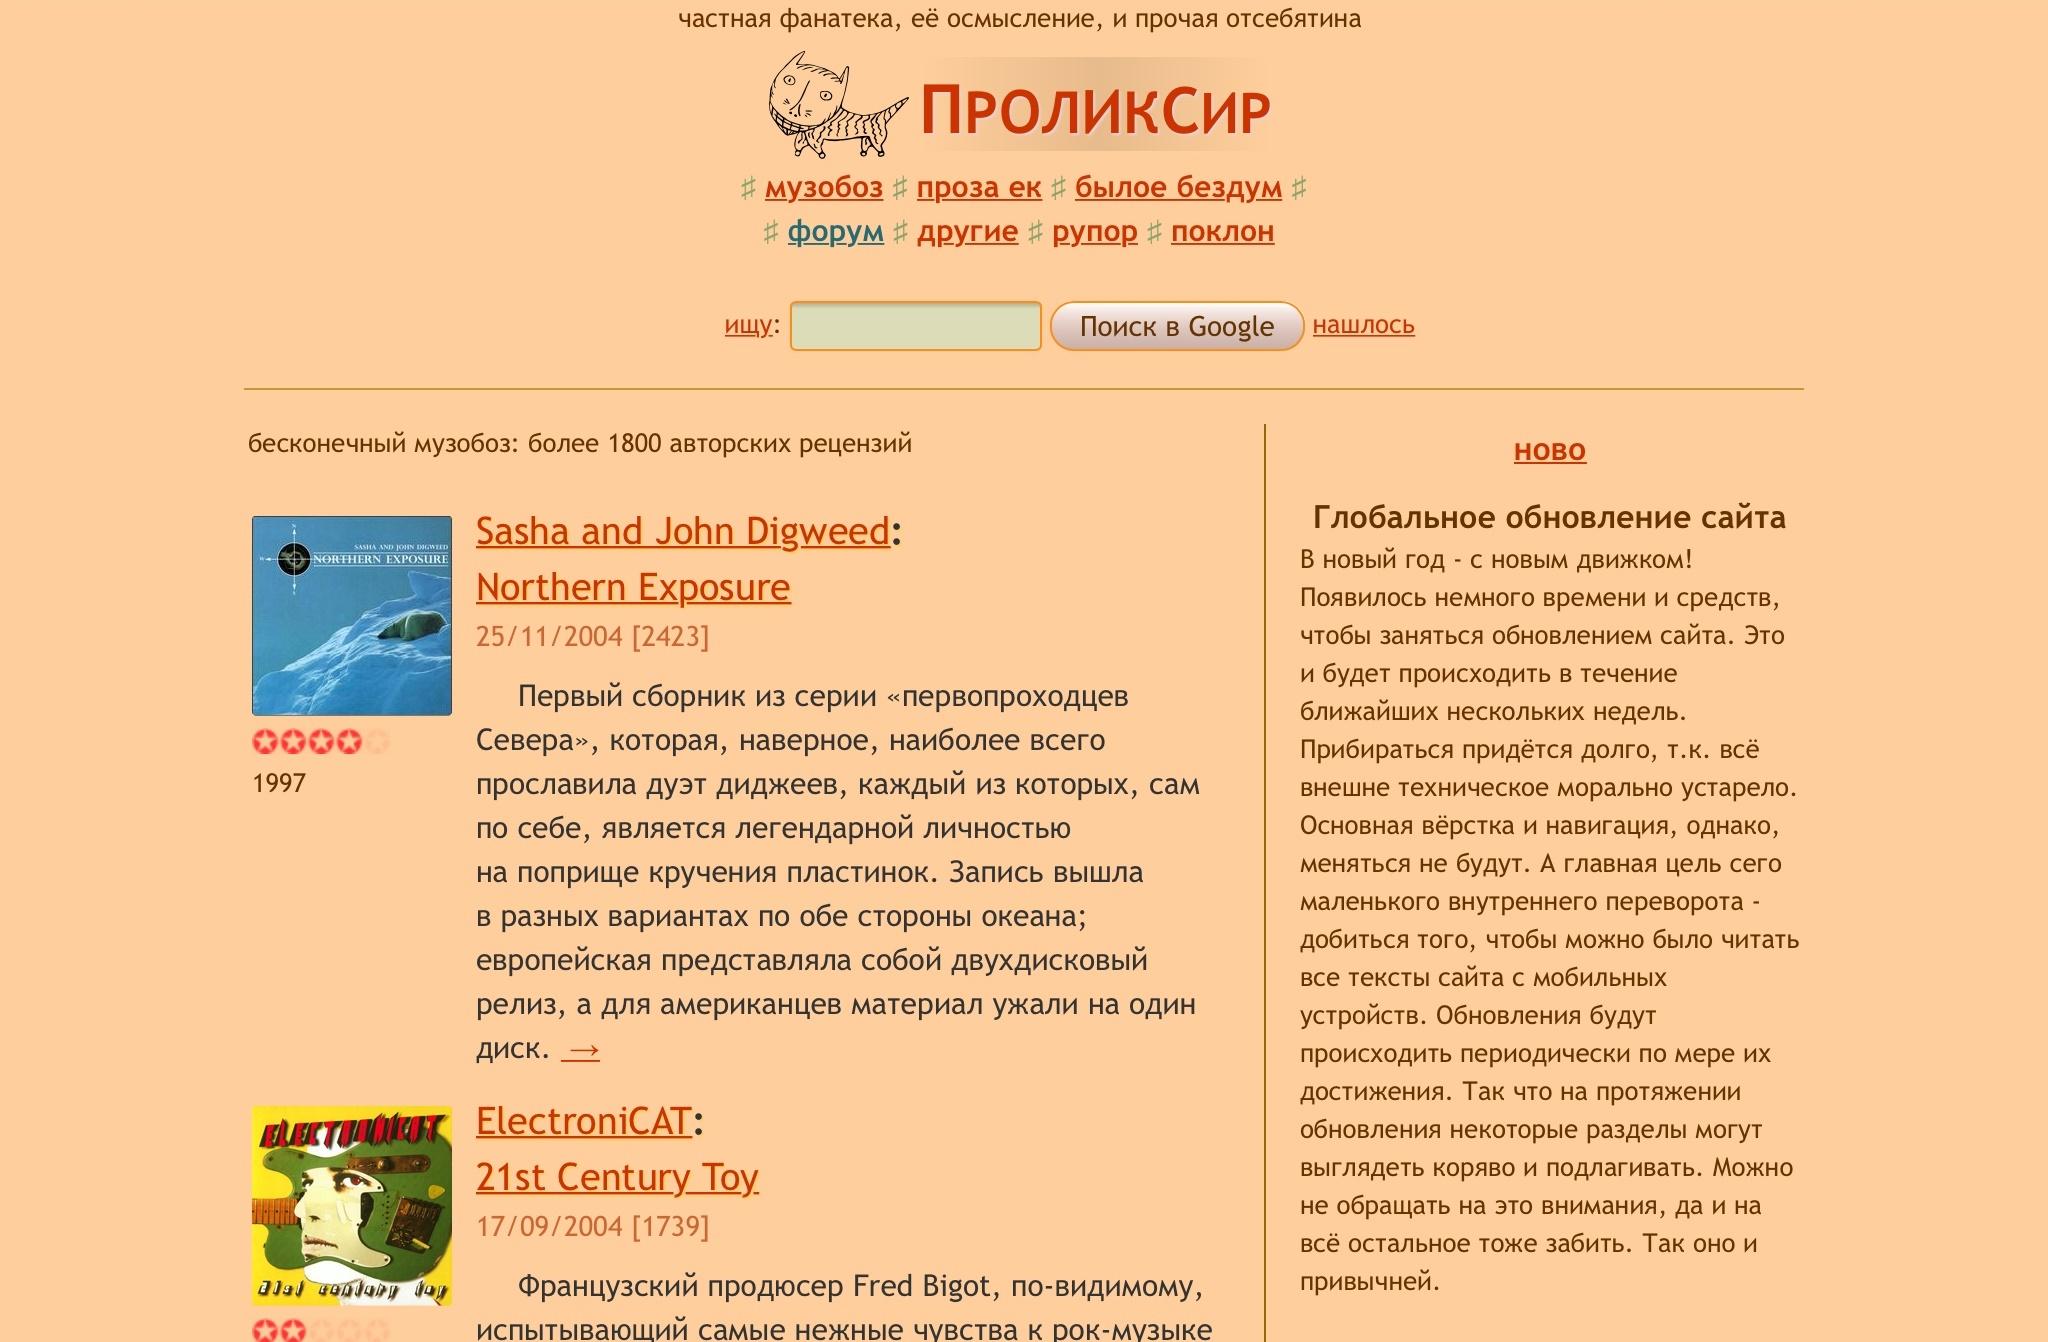 Скриншот проликсир айпад